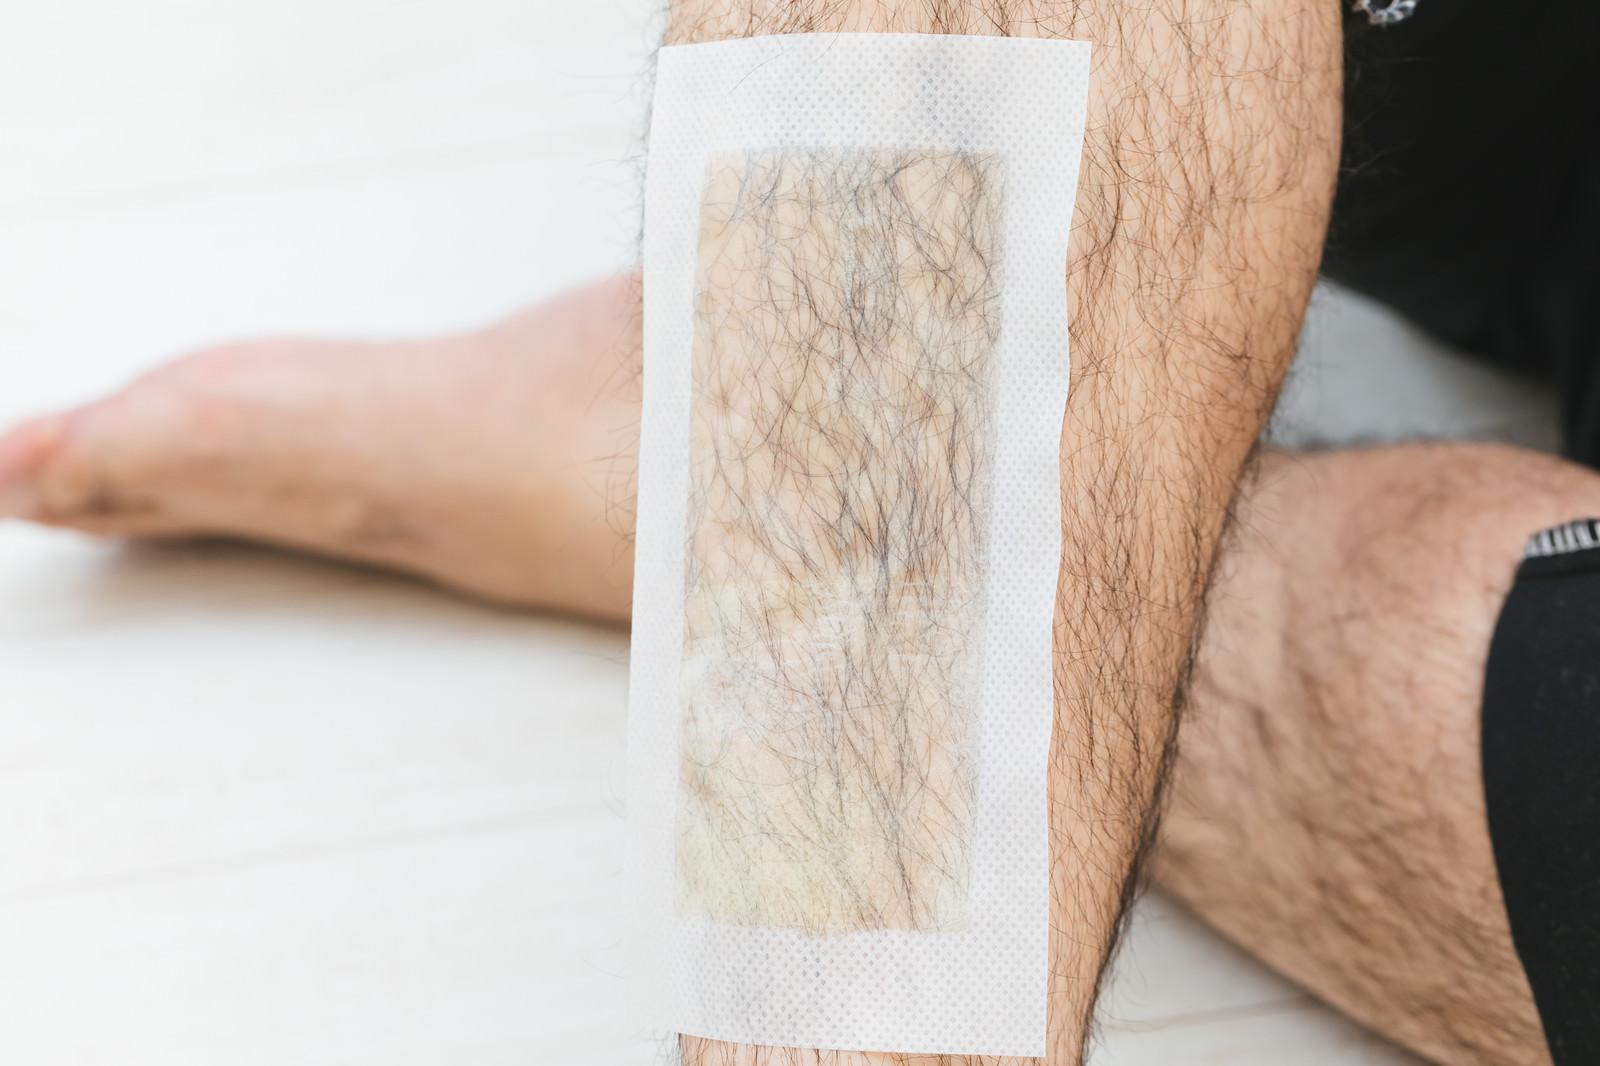 「表面からも確認できる脱毛シートの粘着面」の写真